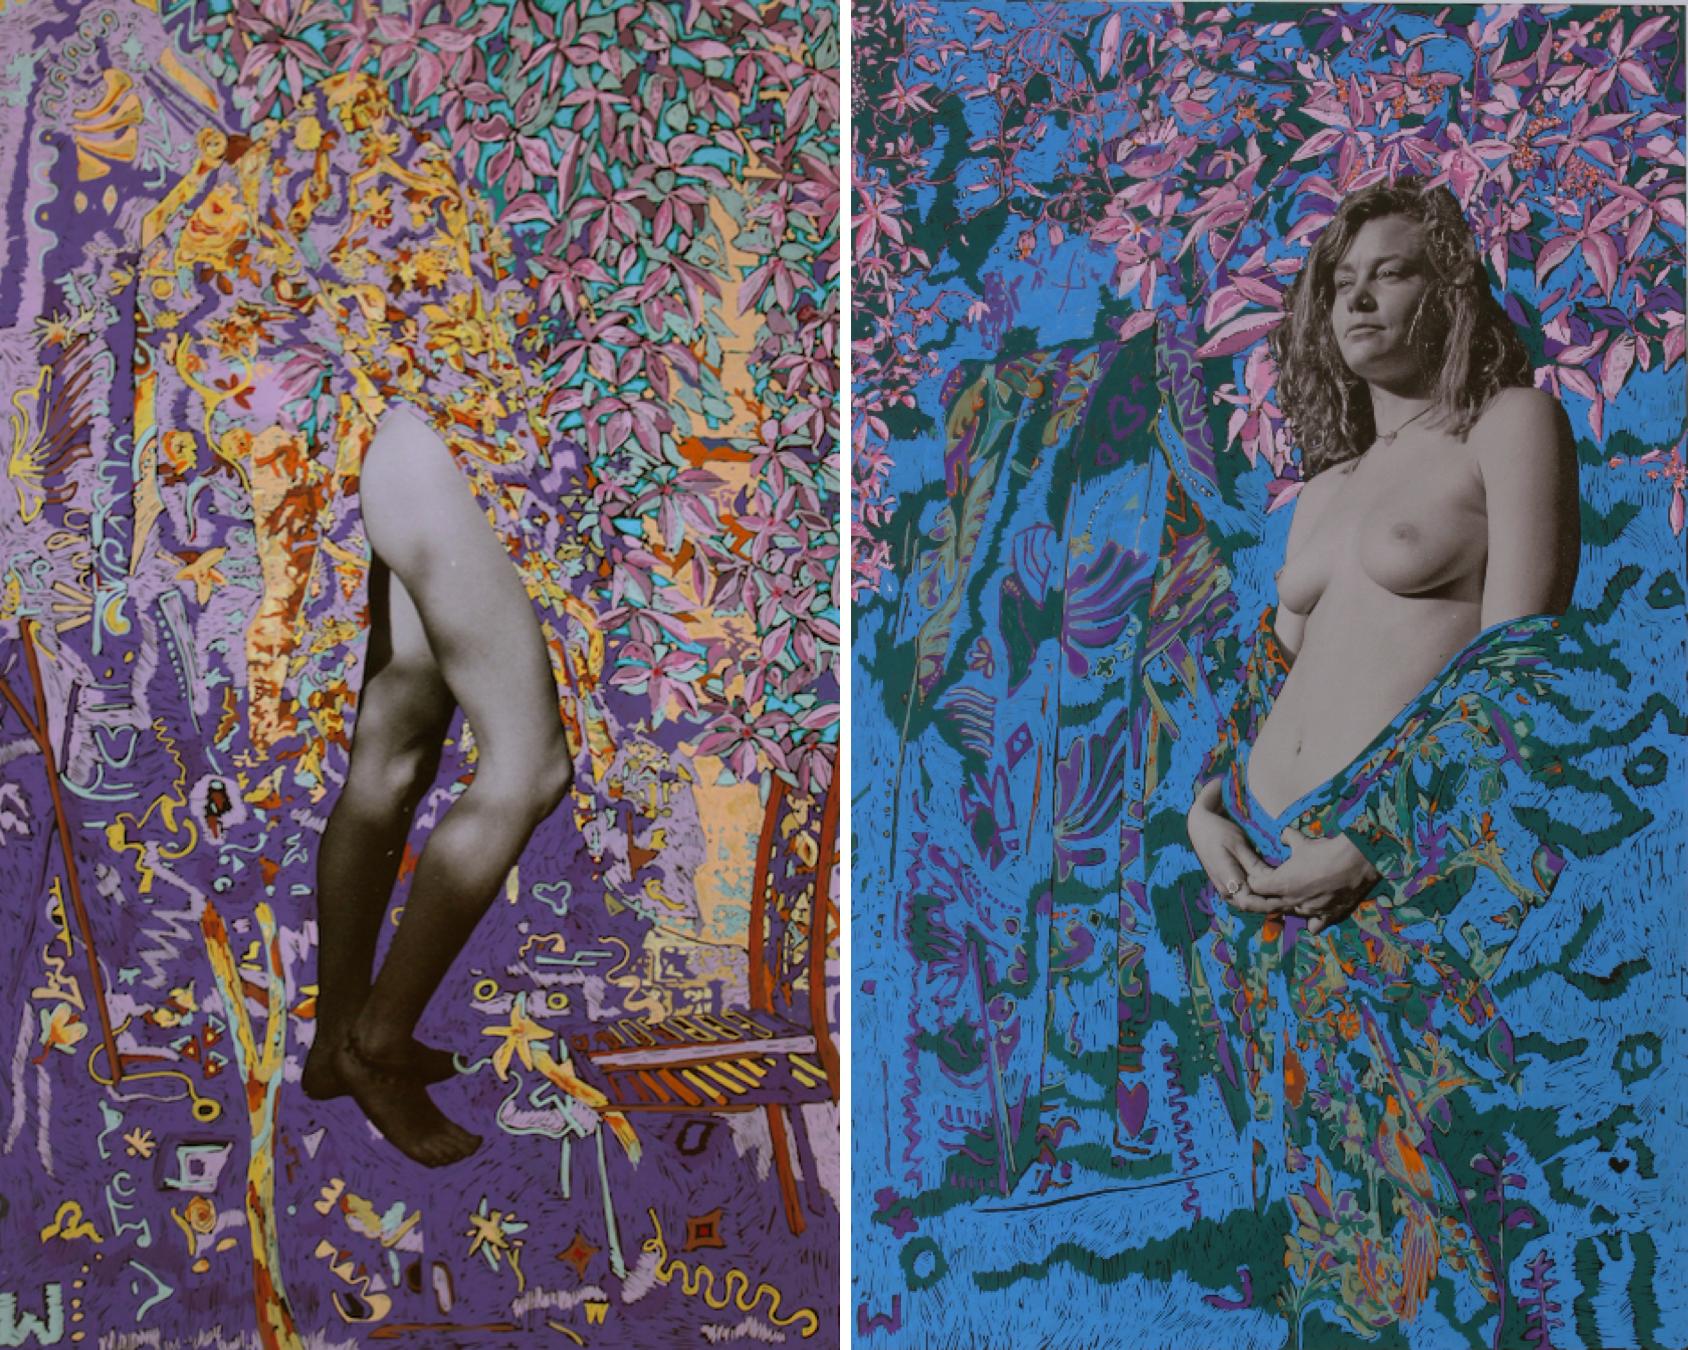 William Grob Exhibition, Galerie 102 - Underground blog